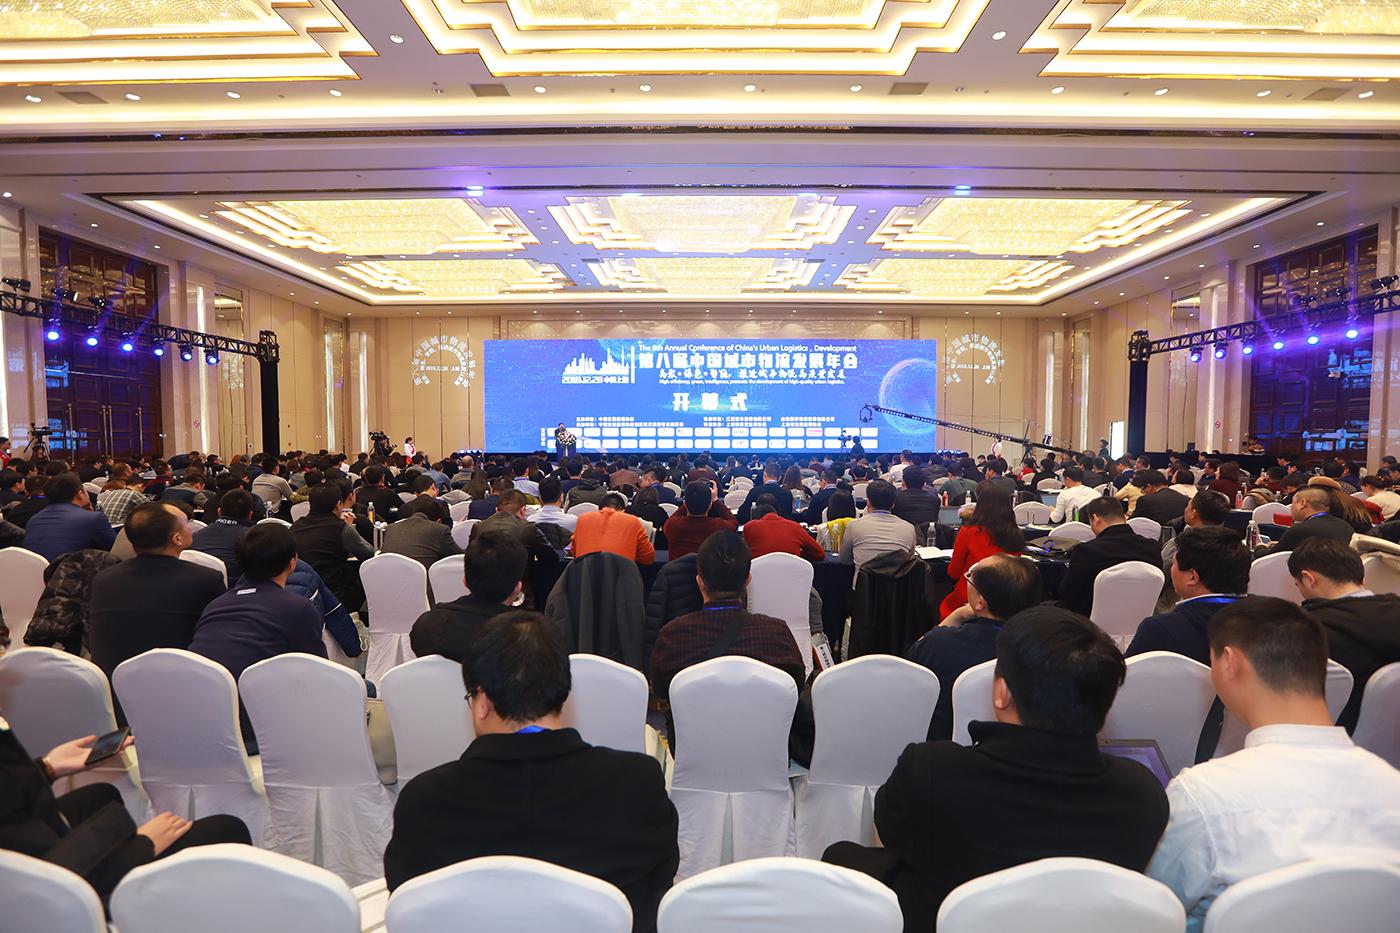 12月28日第八届中国城市物流发展年会在上海富悦大酒店完美收官